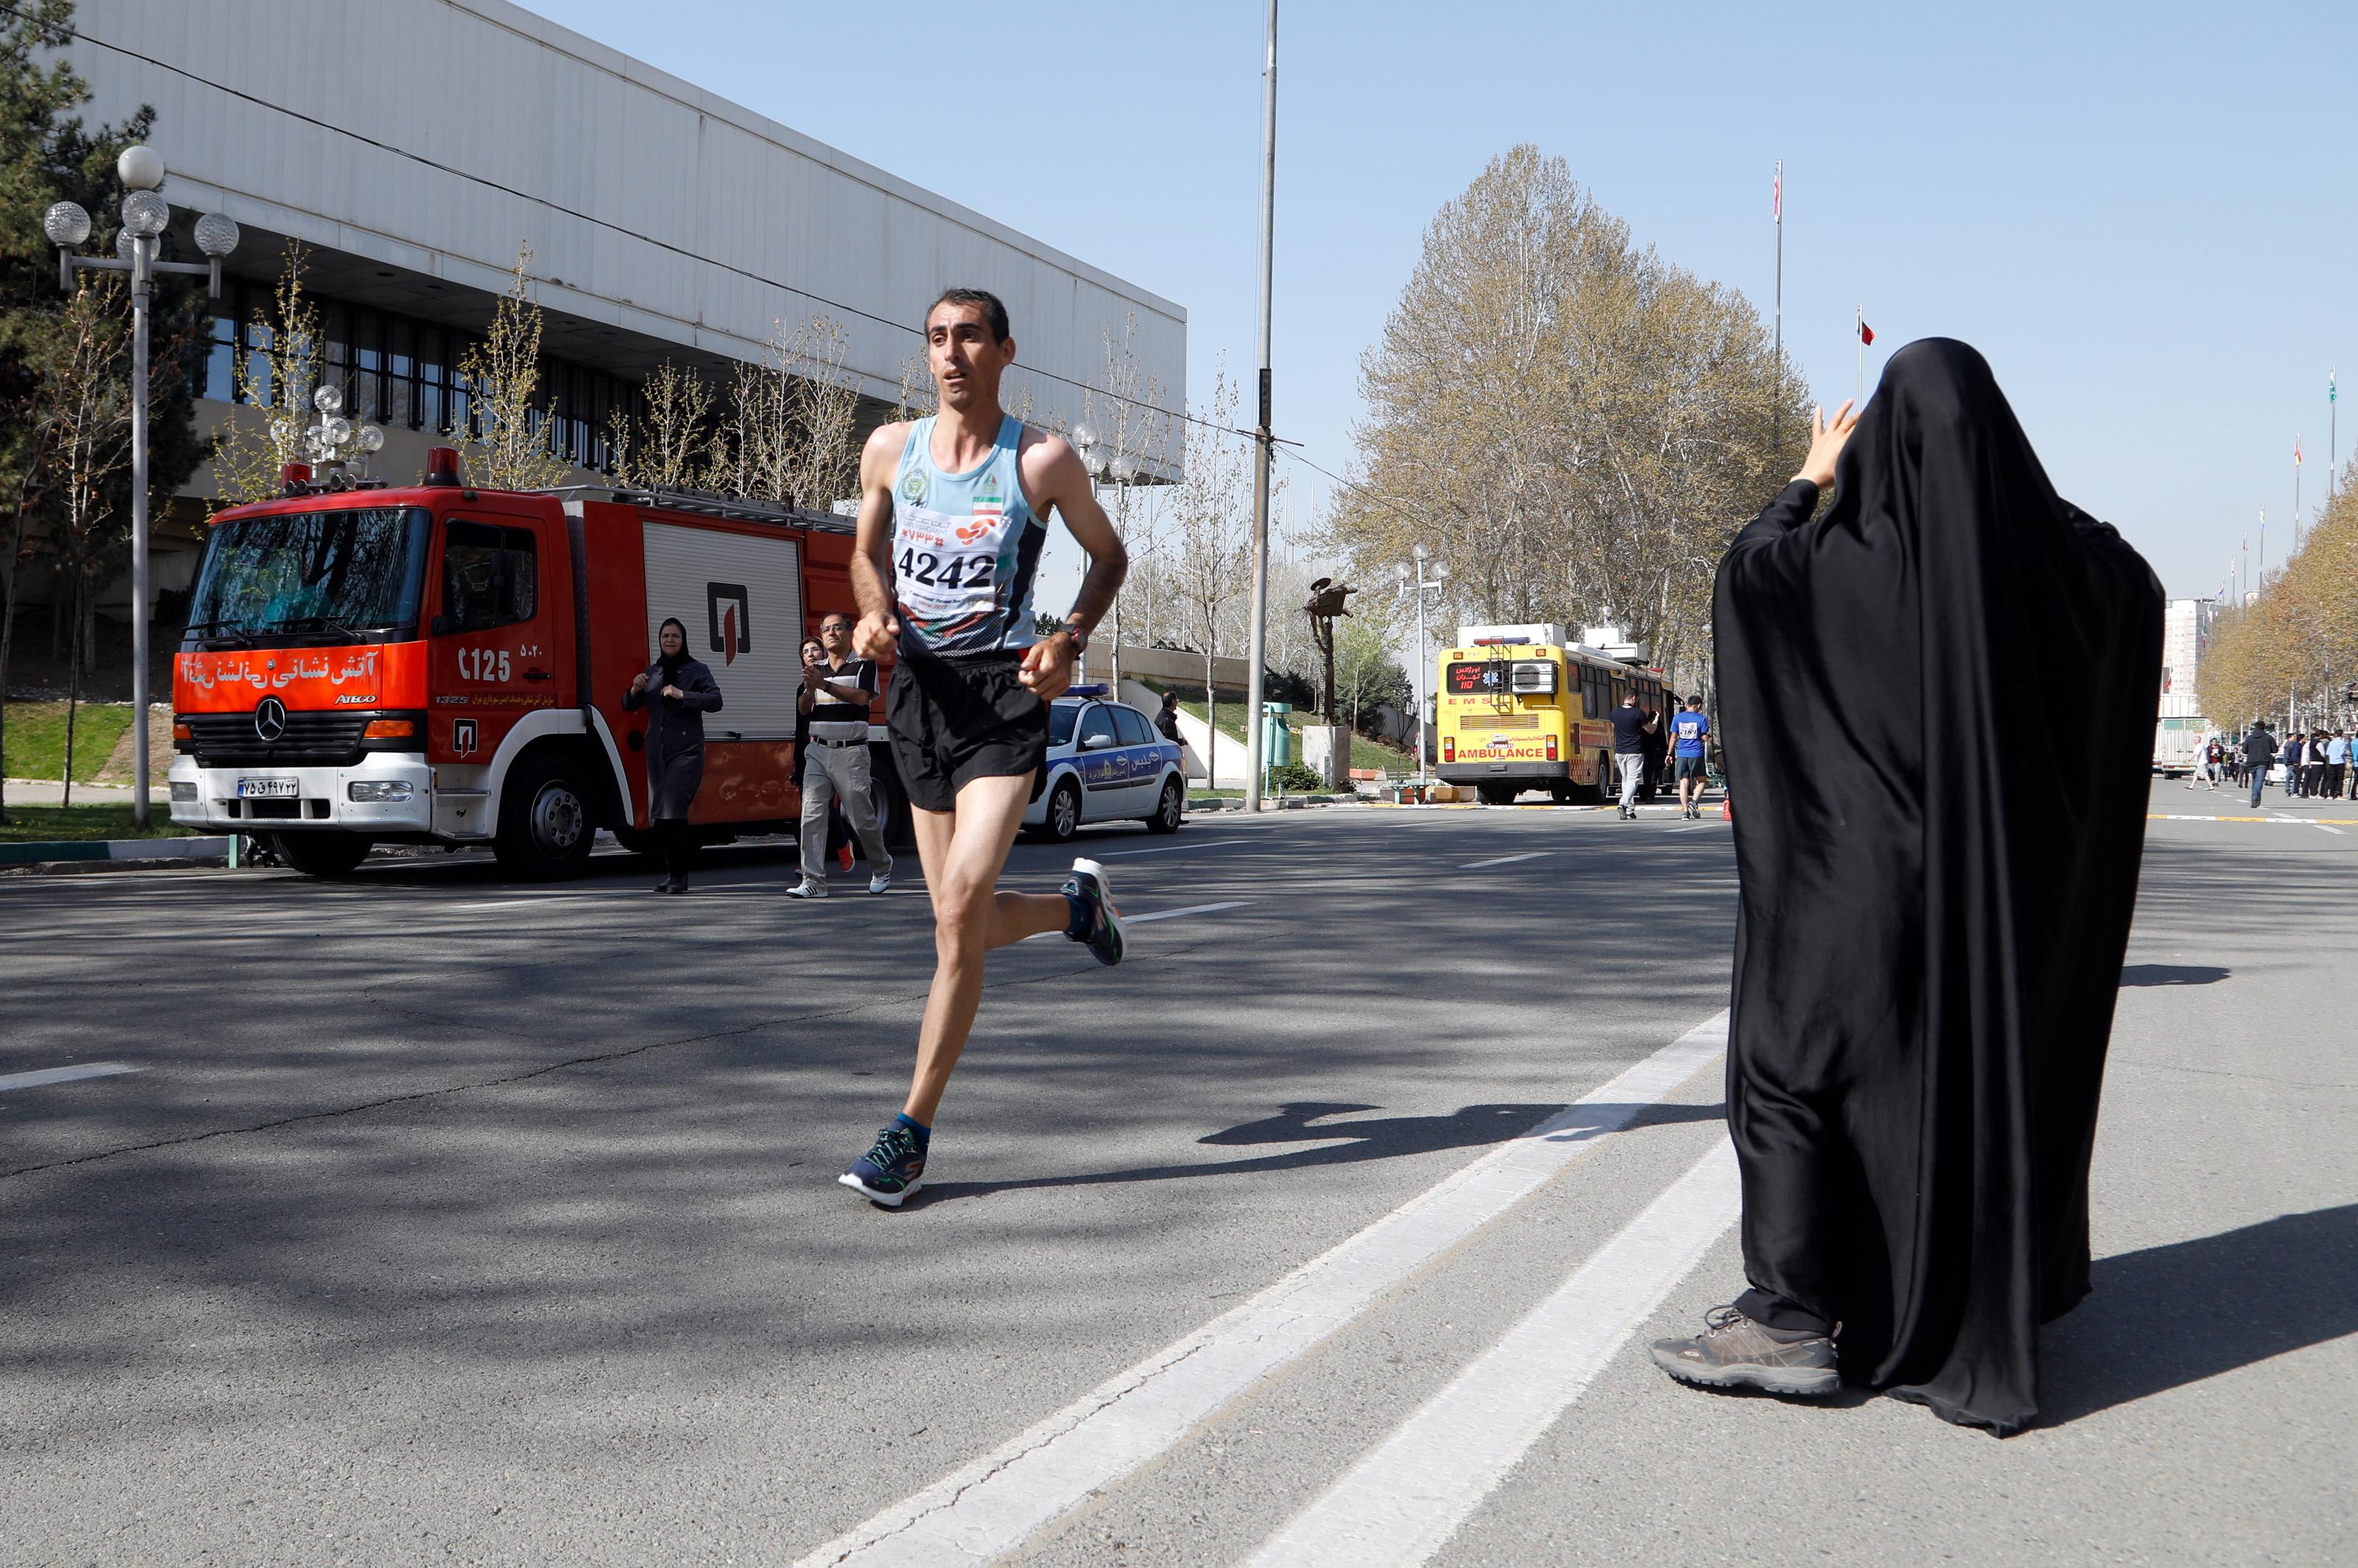 Fruehjahr 2017: Trotz vorheriger Zusage wird die Teilnahme von Frauen am Teheran-Marathon verboten. Die Laeuferinnen sollten auf der Laufbahn im Azadi-Stadion ihre Runden drehen und nicht ins Zentrum laufen. Einige Laeuferinnen verlegten ihren persoenlich